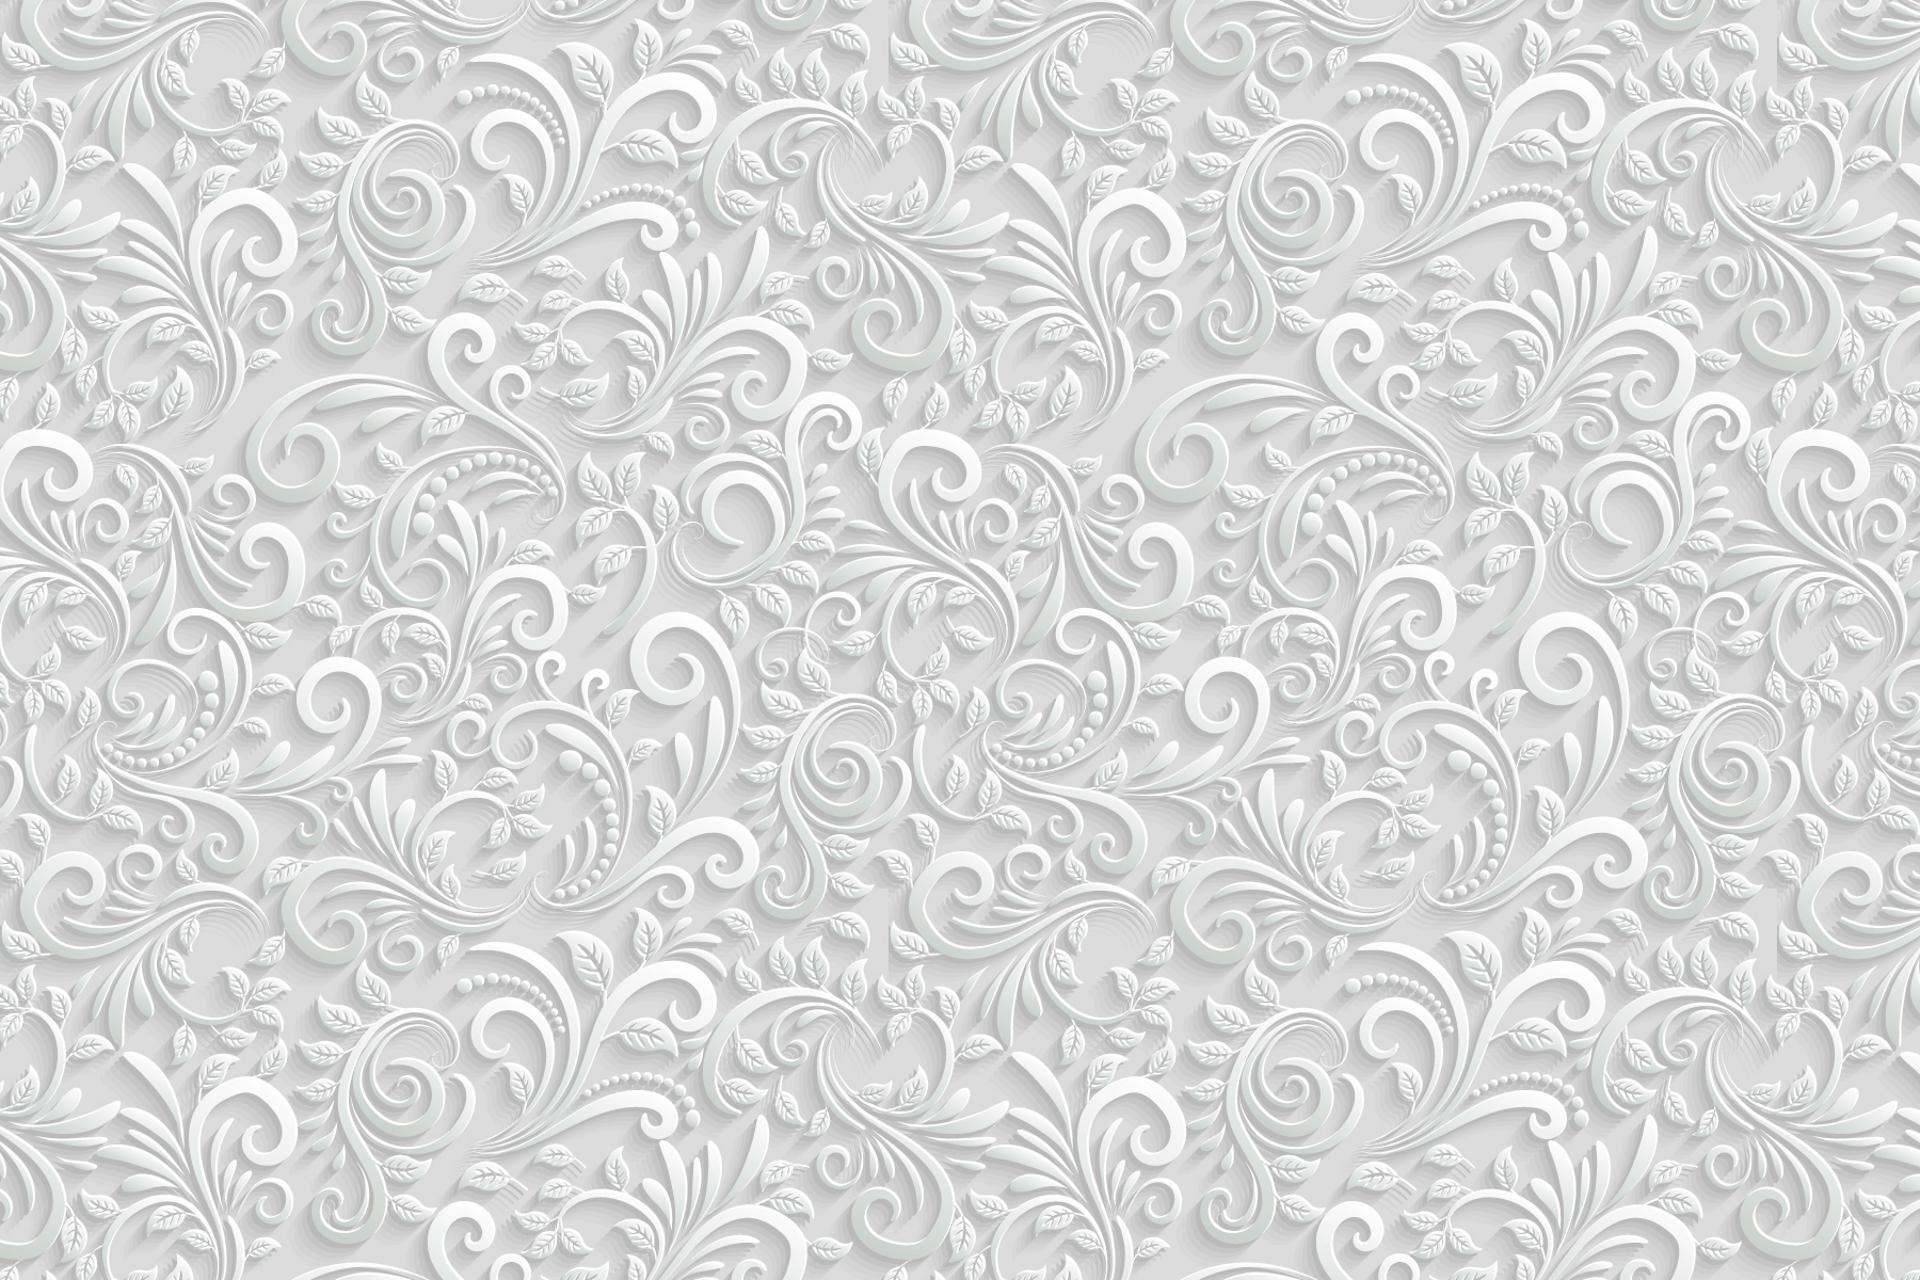 картинки серебряные узоры нужно создавать интересный